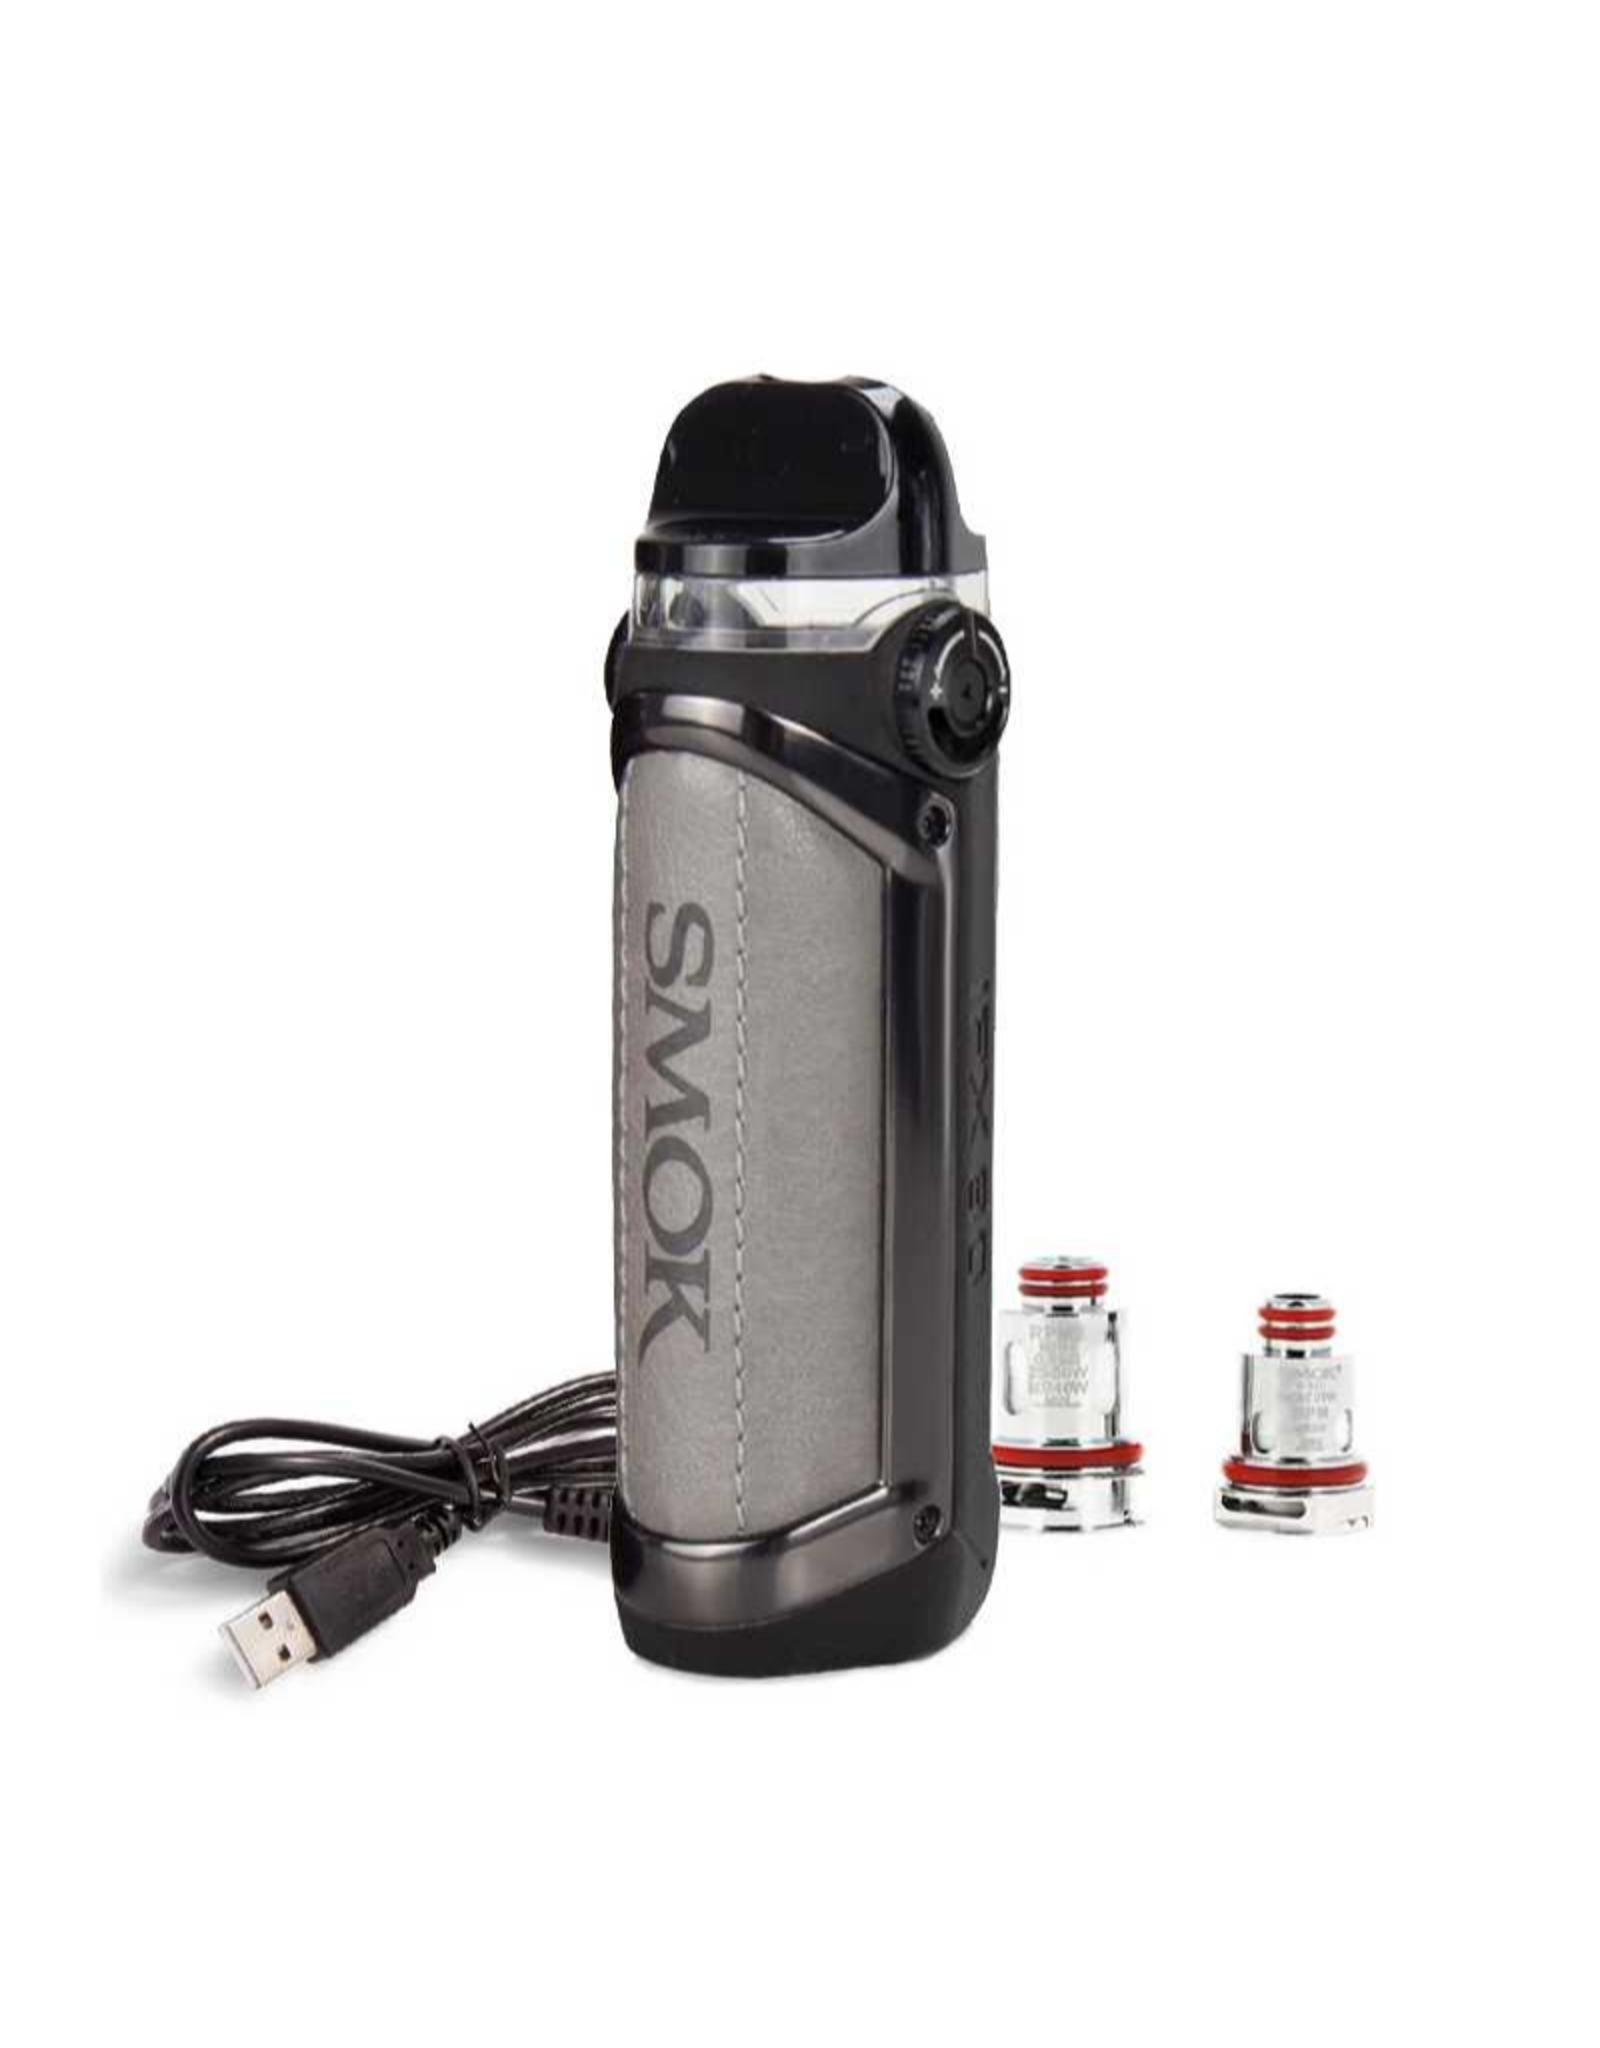 Smok Smok IPX80 Pod Kit [CRC]